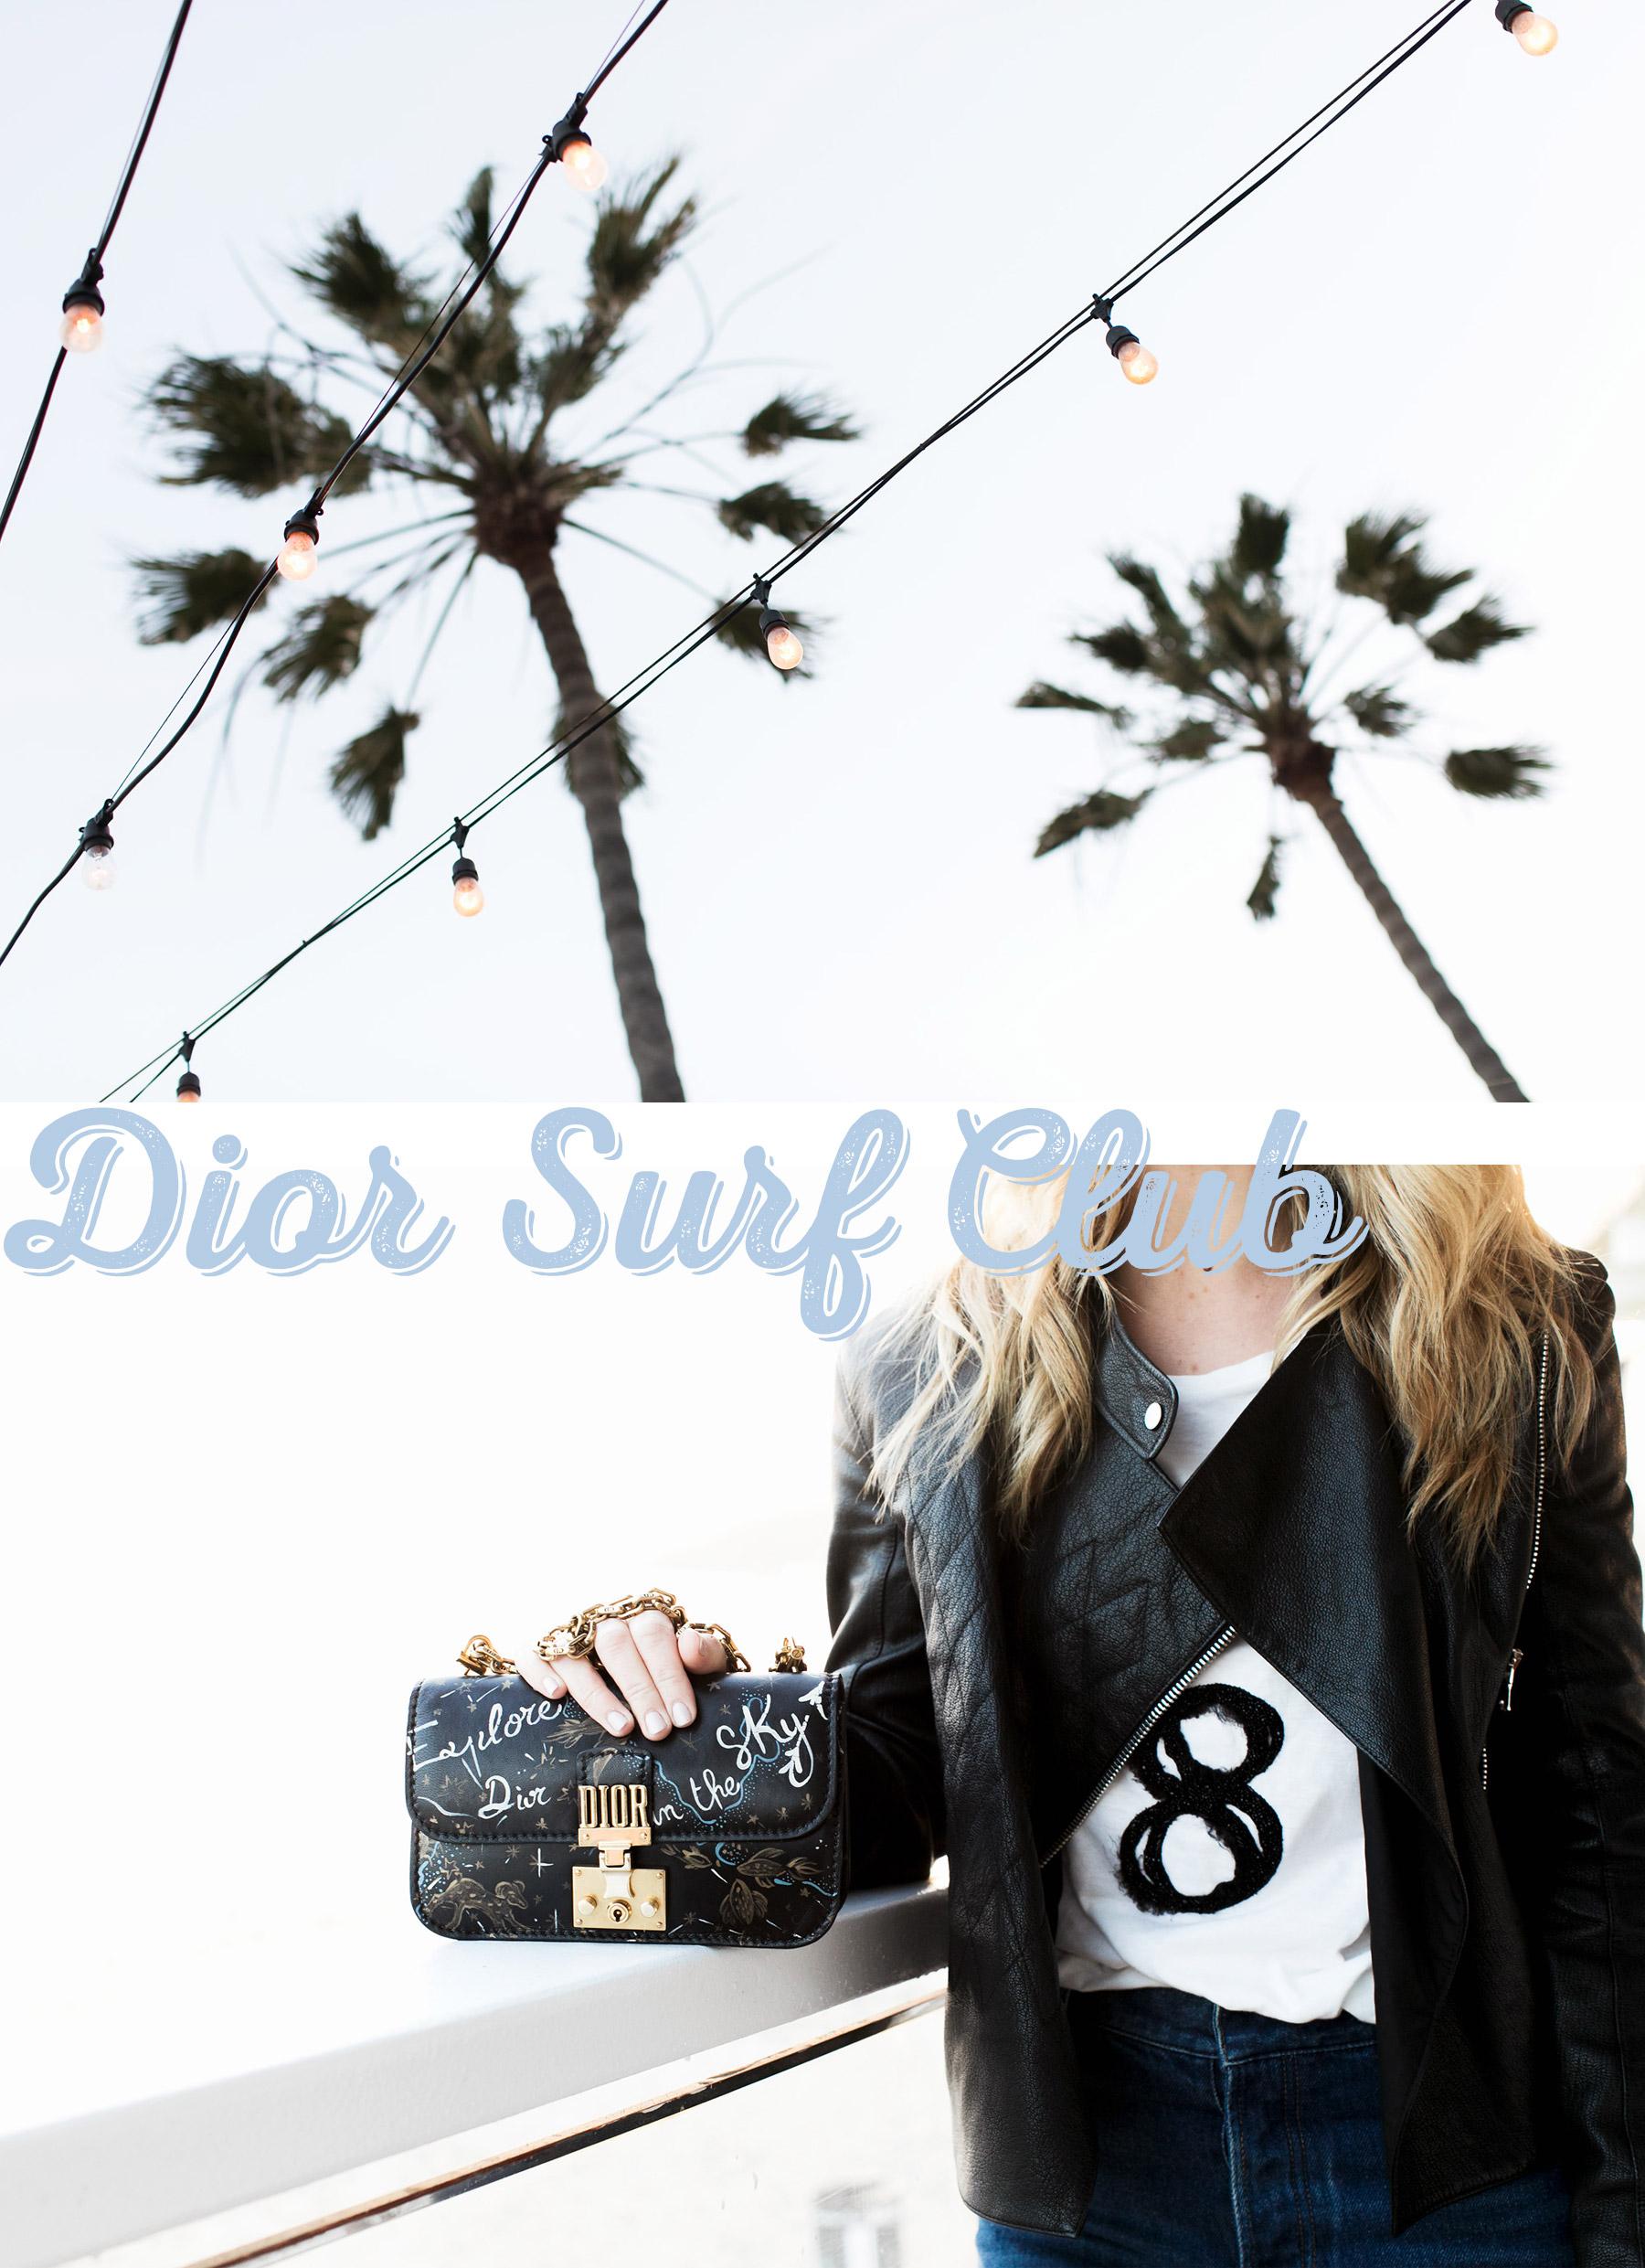 Dior in LA